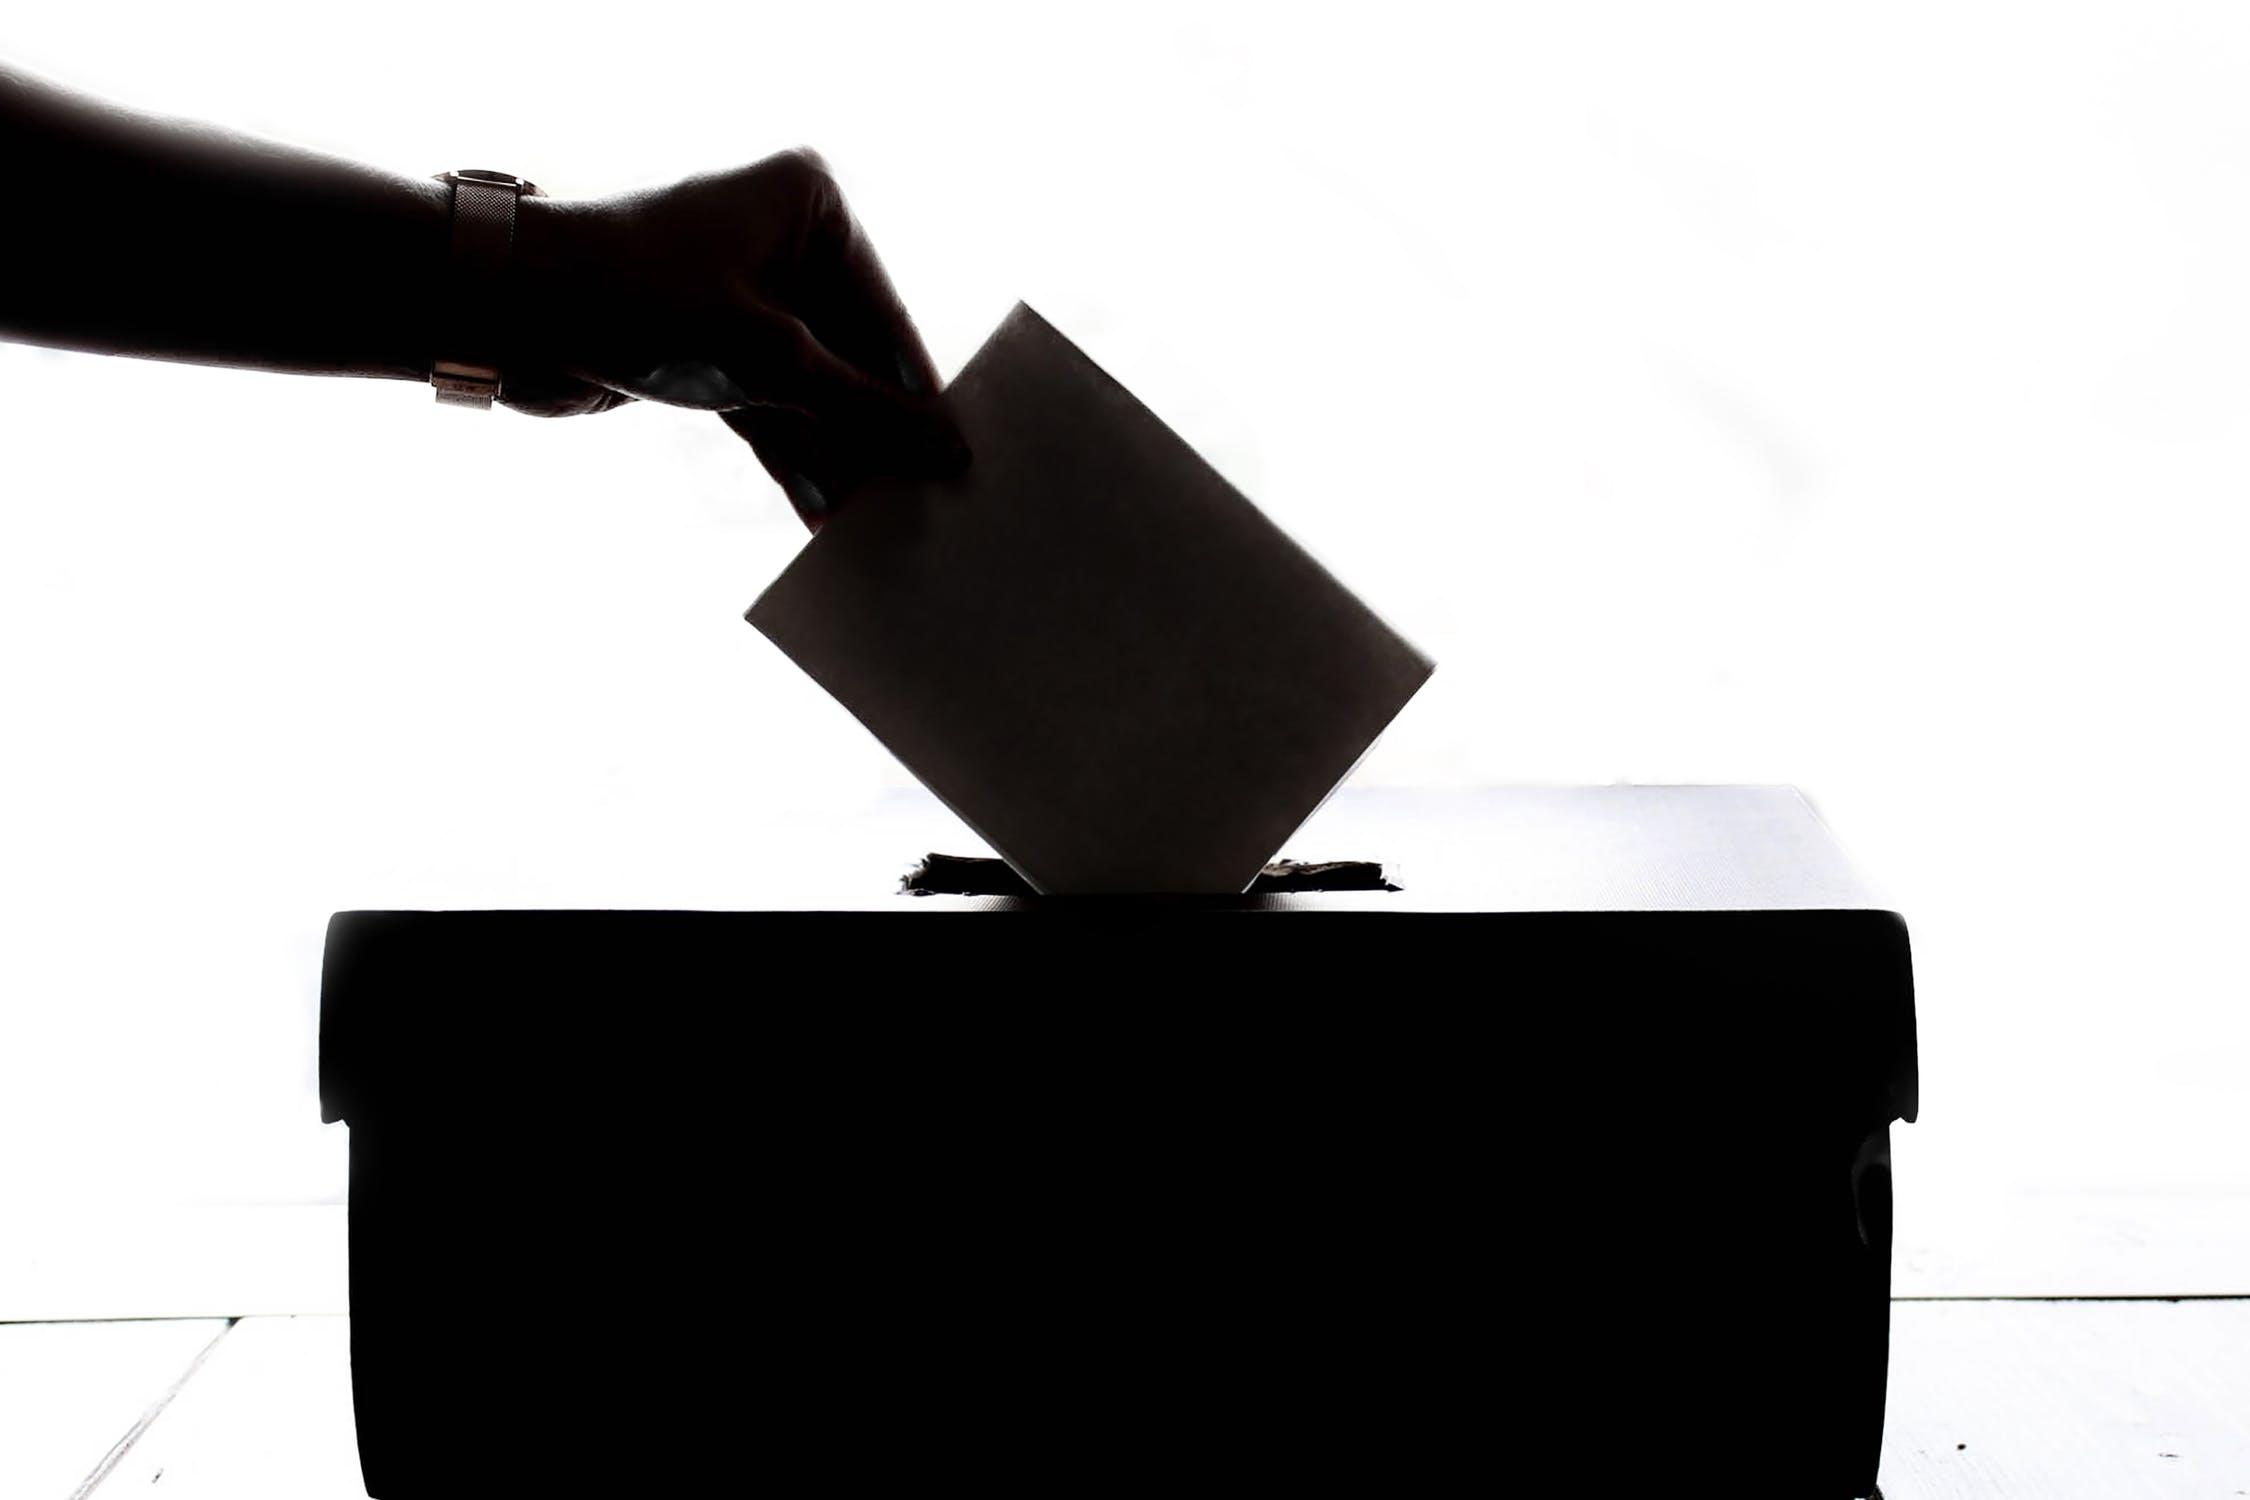 Ombra di una mano che inserisce una scheda in un'urna